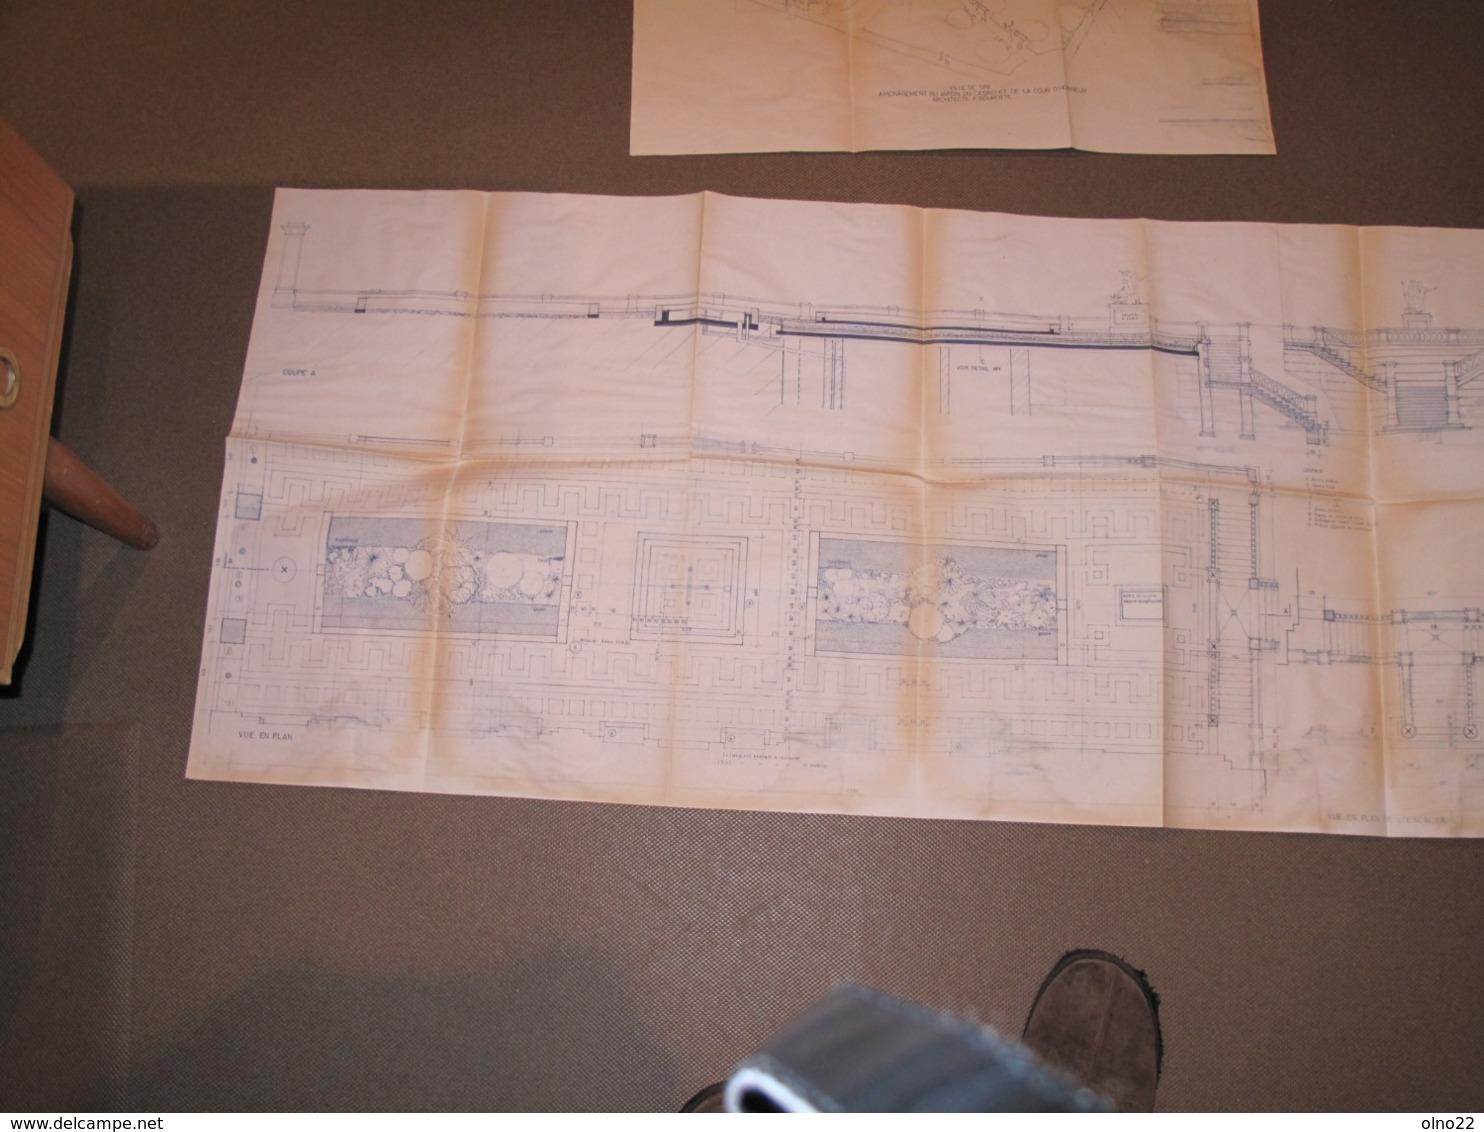 SPA - PLANS RESTAURATION JARDINS ET COUR D'HONNEUR DU CASINO-1992-ARCH. FRANCOIS BOUROTTE - Architecture